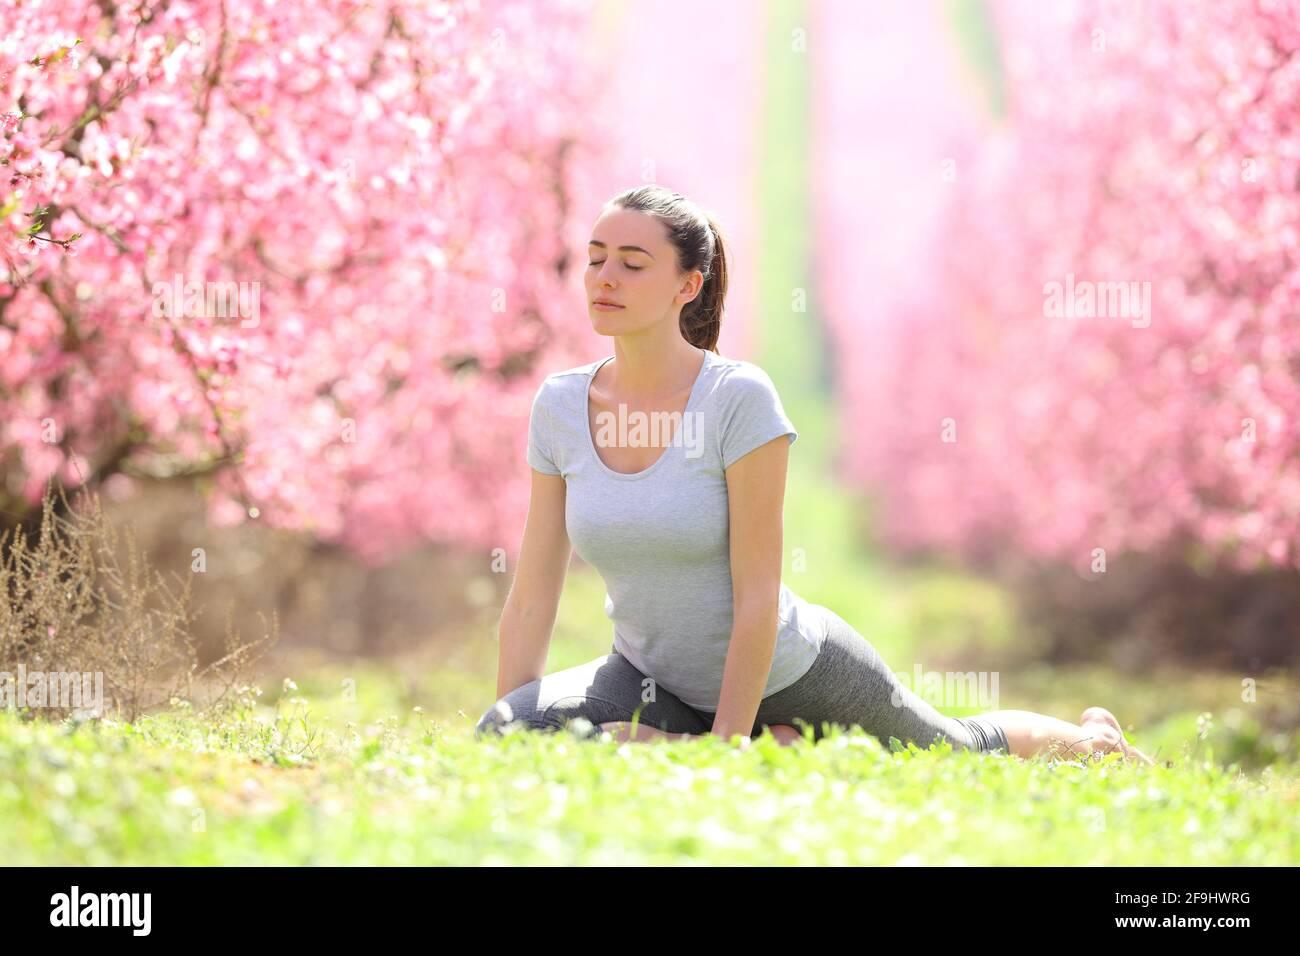 Donna concentrata che pratica l'esercizio di yoga sull'erba in un campo fiorito in primavera Foto Stock